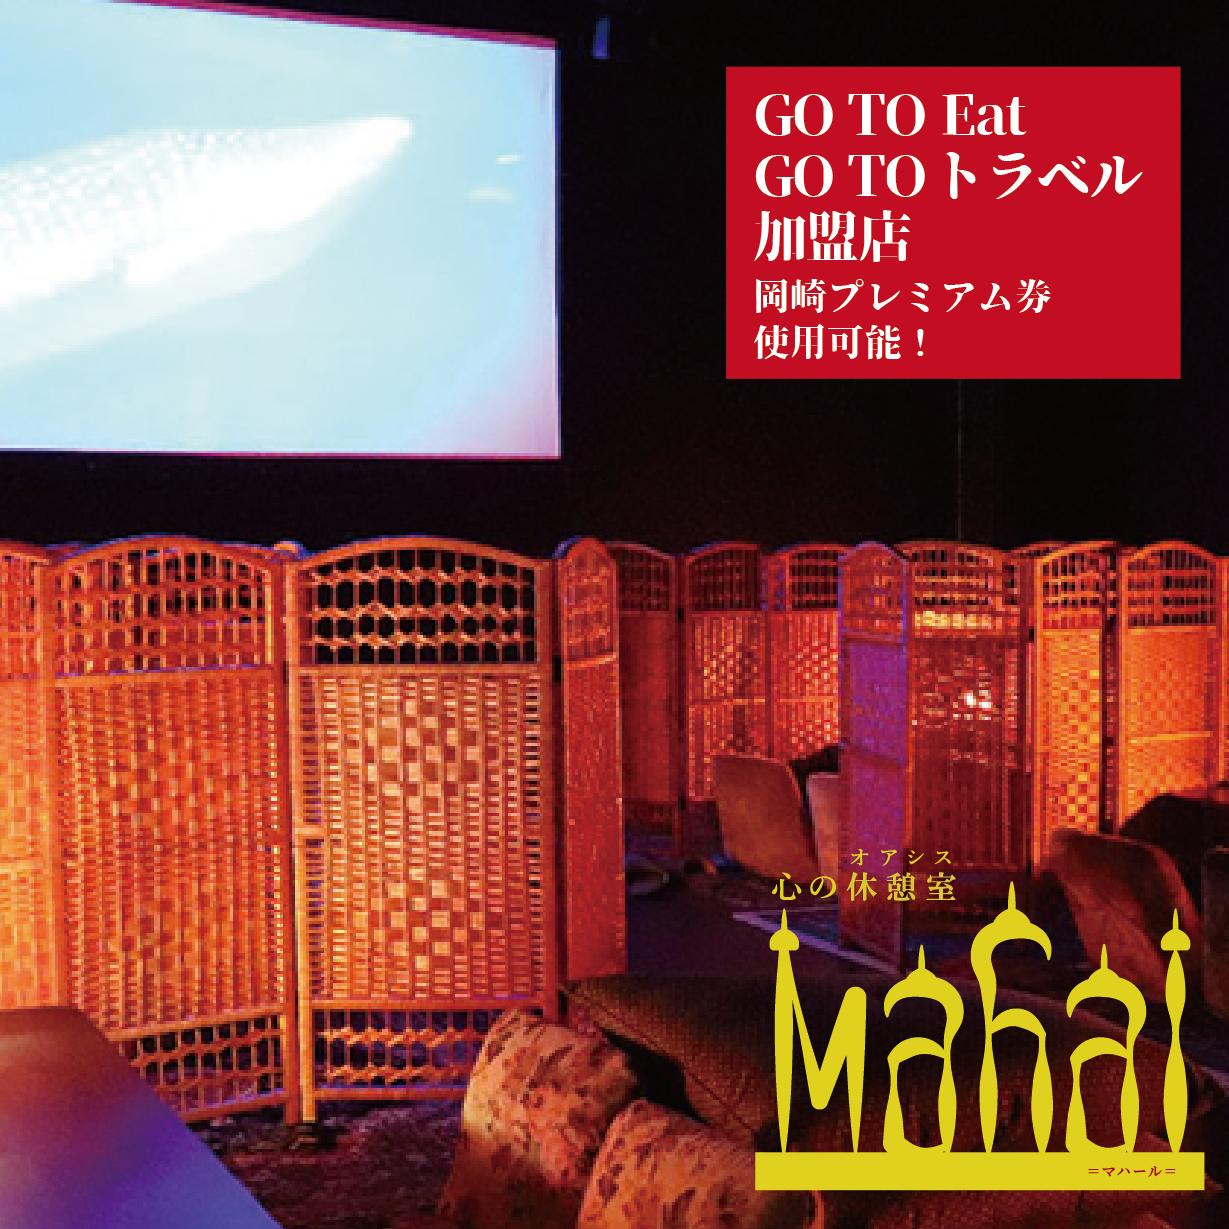 心の休憩室 Mahal(マハール)